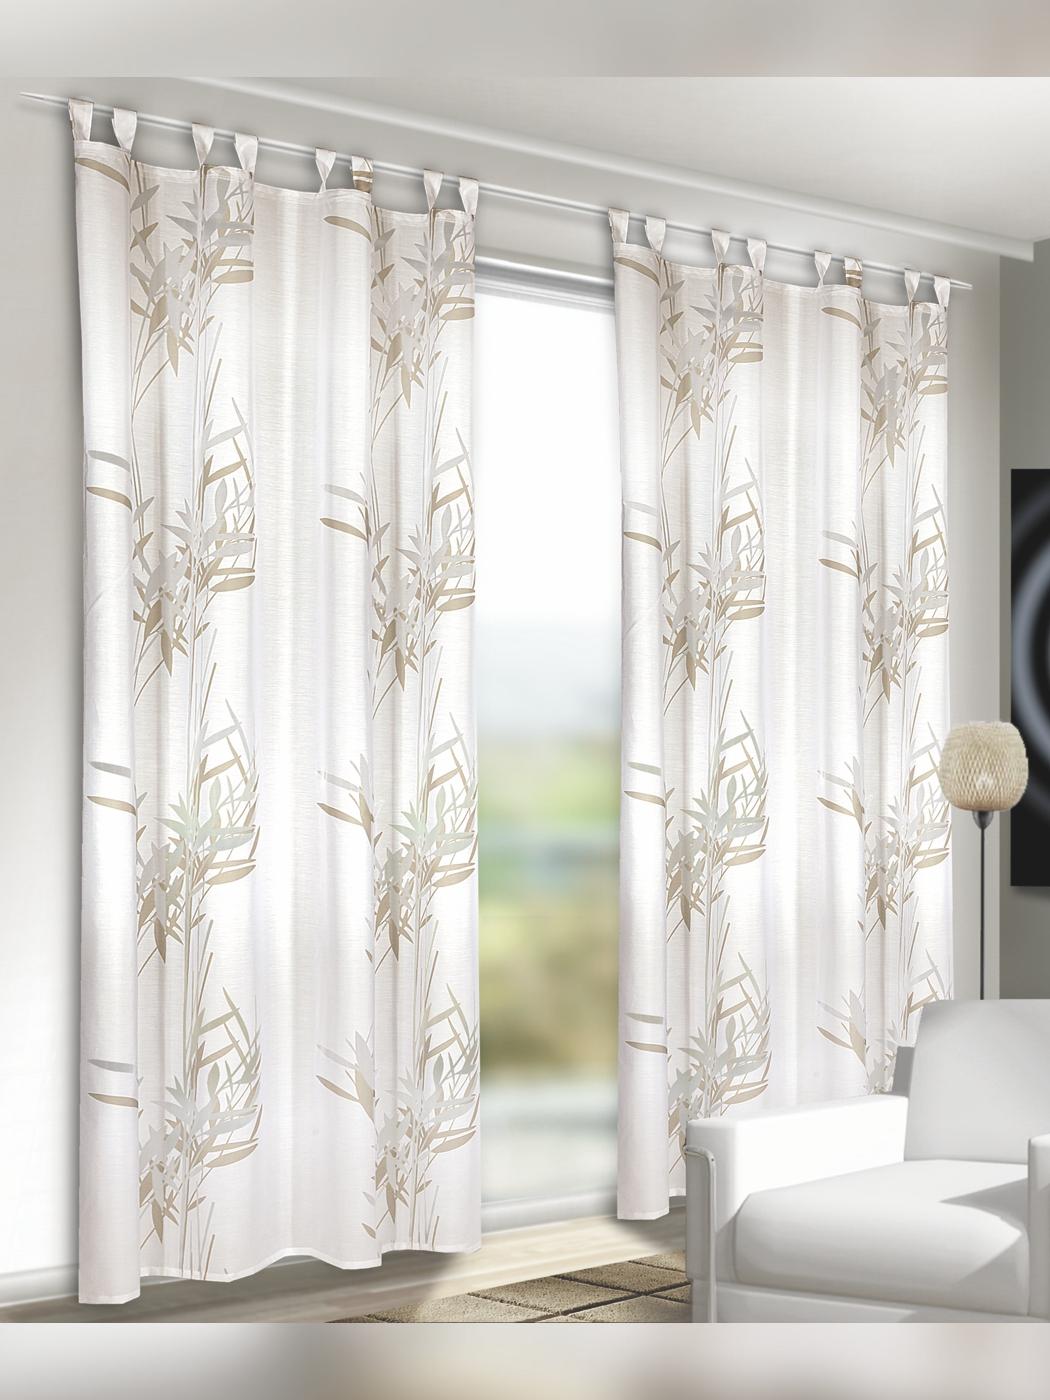 Full Size of Gardinen Vorhang Elegant Wei Vorhänge Wohnzimmer Küche Schlafzimmer Wohnzimmer Vorhänge Schiene